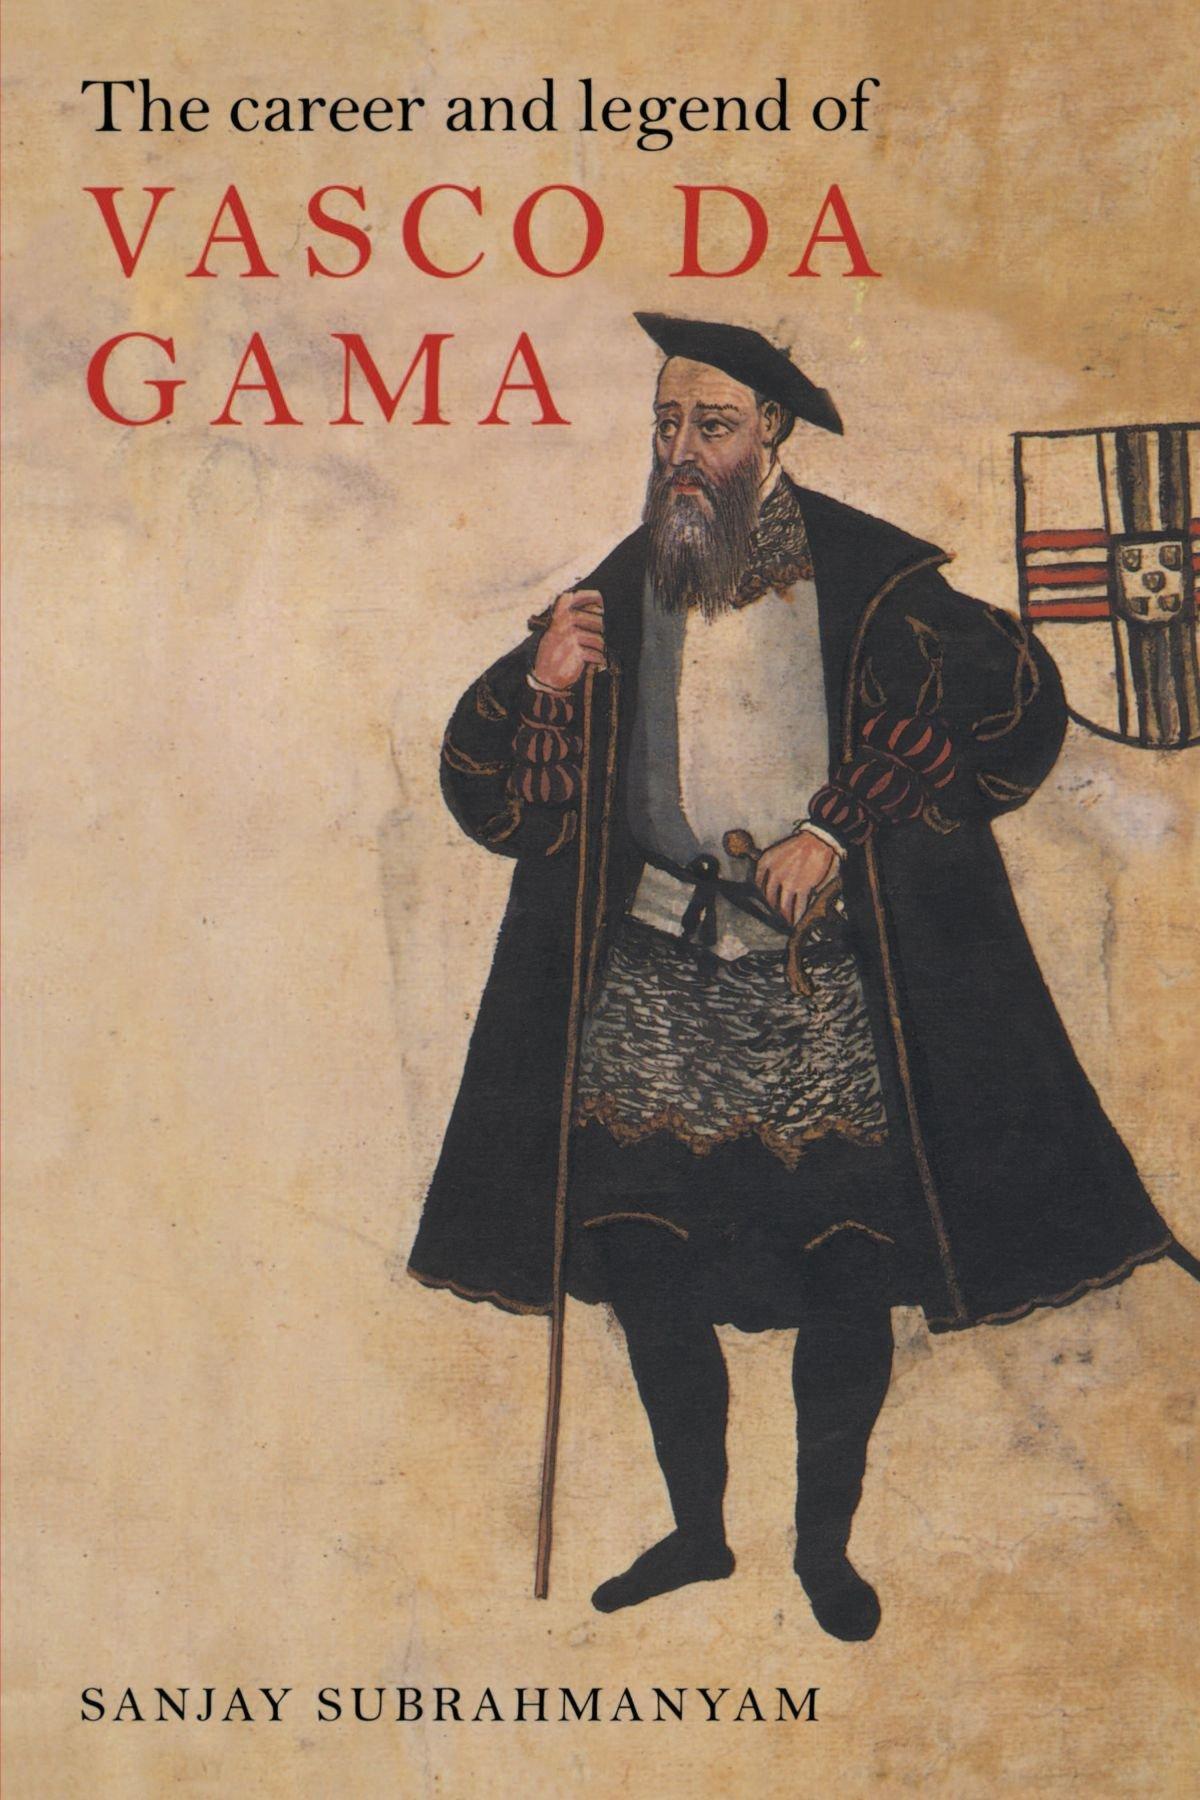 when and where was vasco da gama born